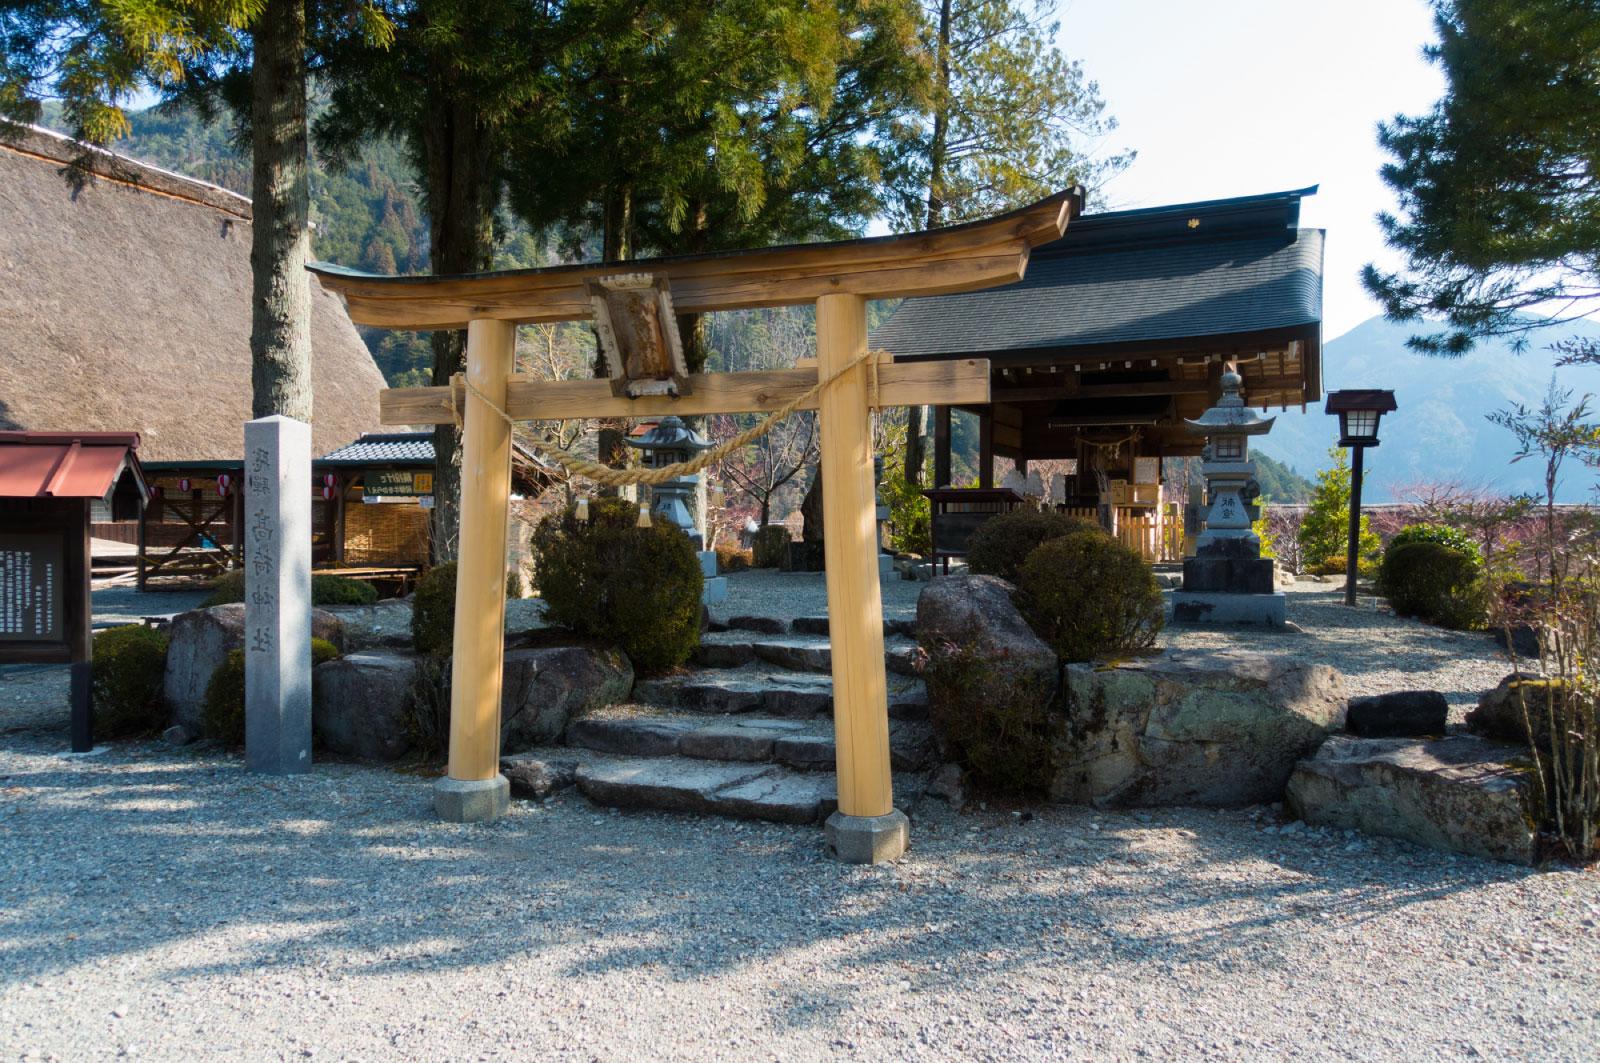 それぞれの建物は売店や食堂、神社、陶芸などの体験ができる工房施設などとして利用